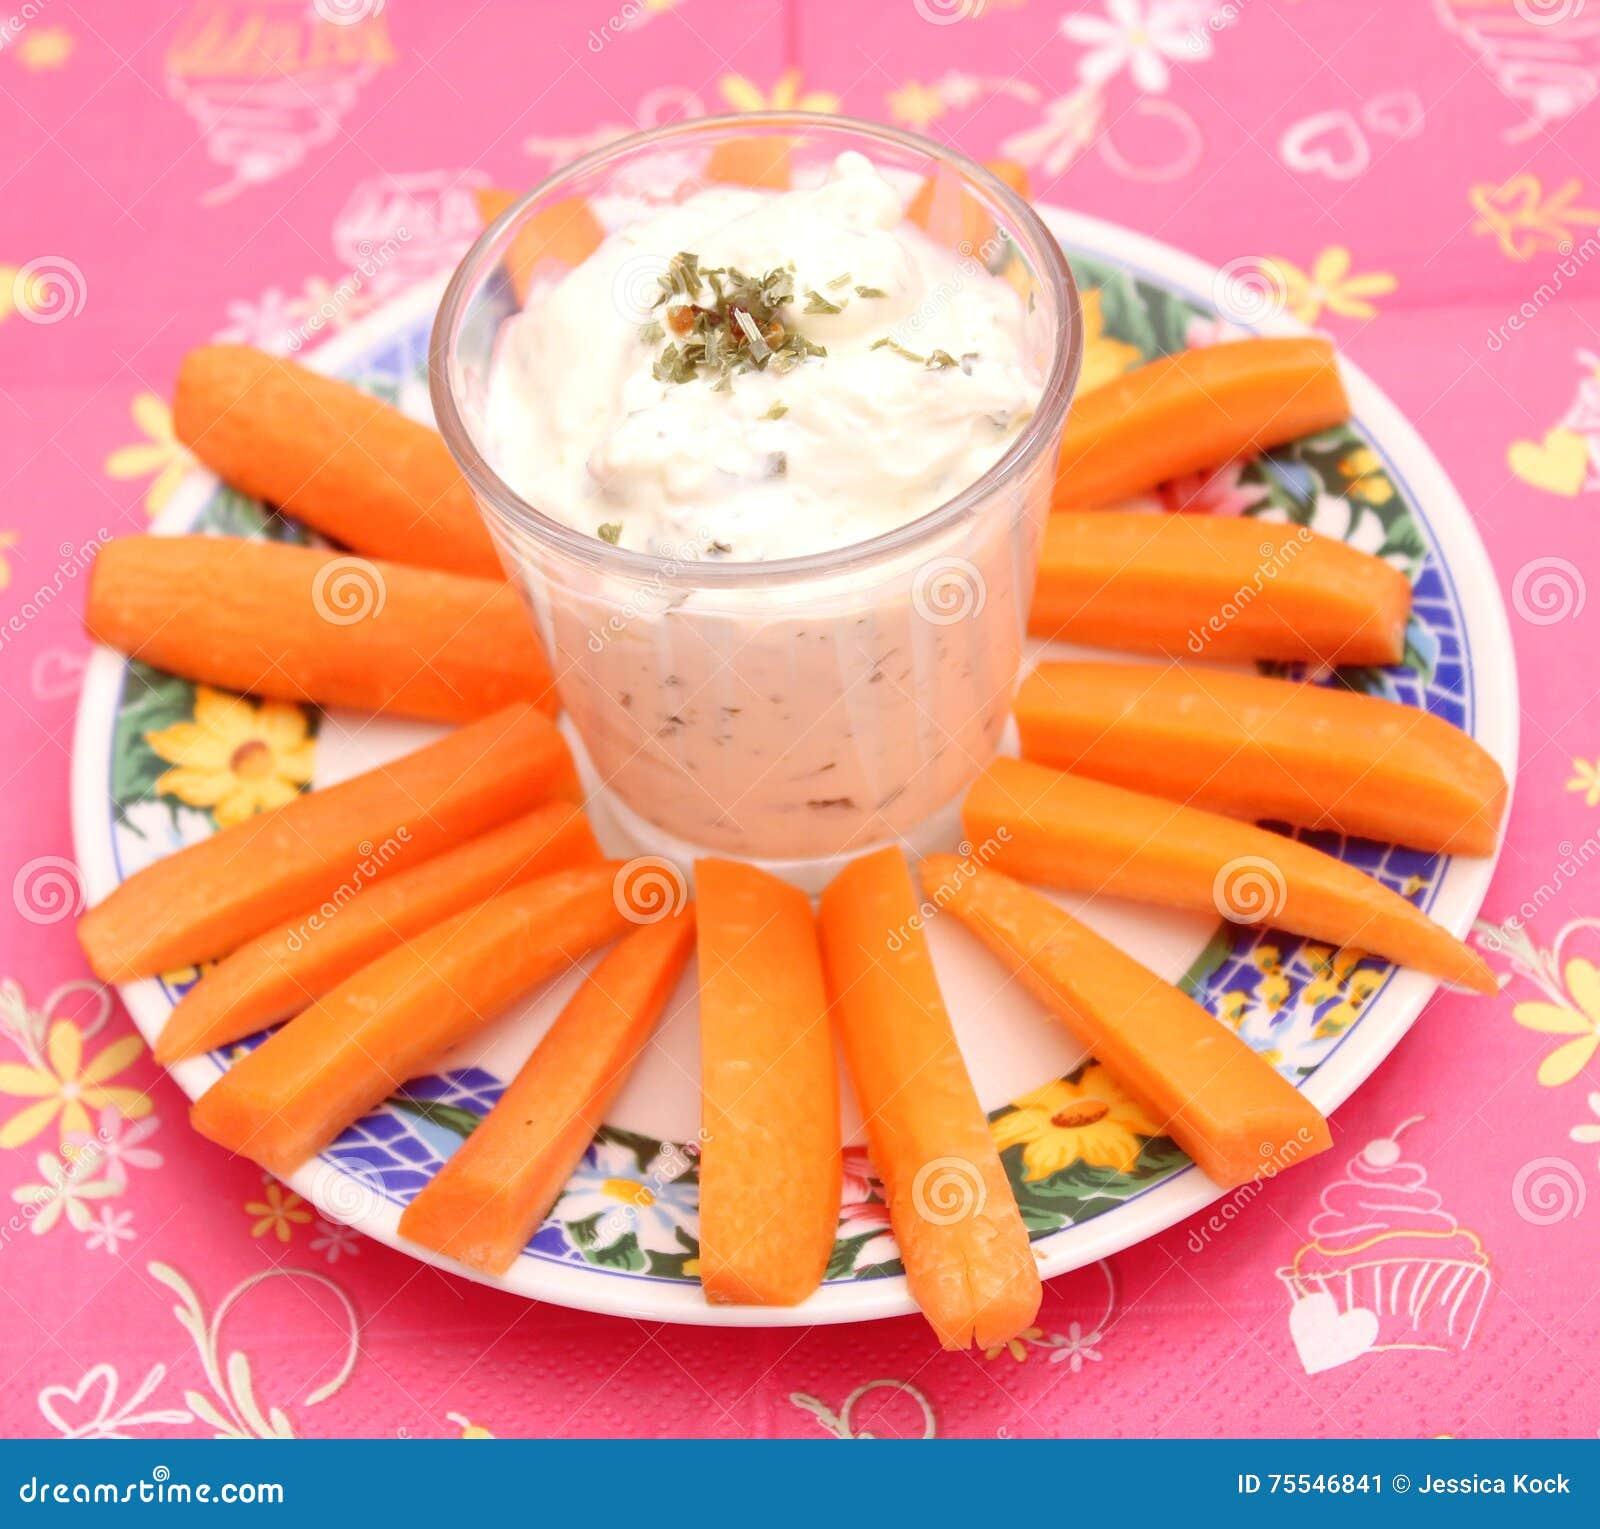 Karotten mit einem Bad